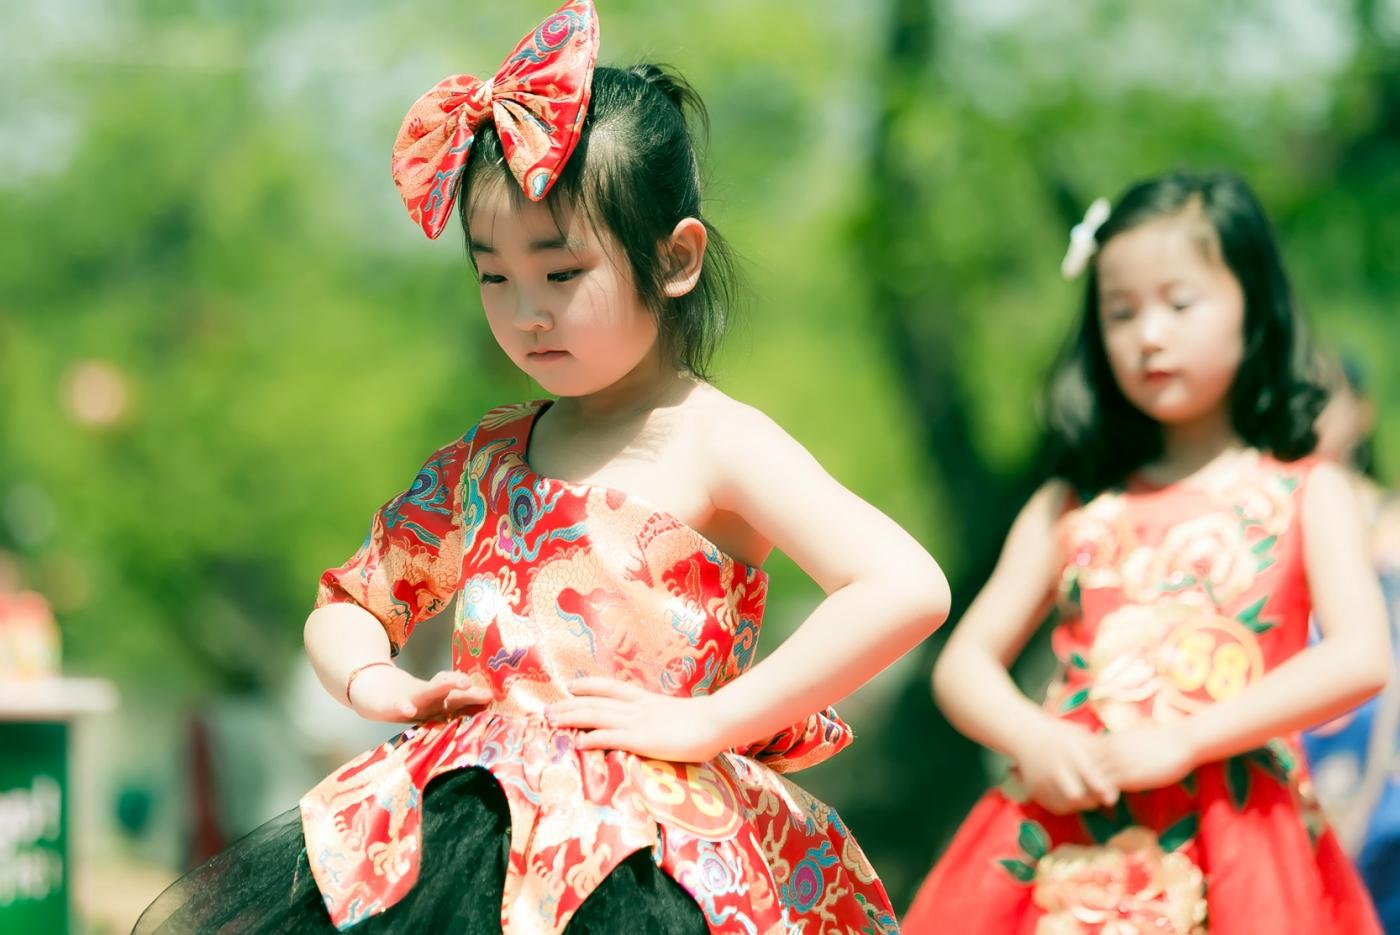 沂蒙娃娃穿上礼服走上show台 有个女孩特别萌 礼仪就要从娃娃抓起 ..._图1-4